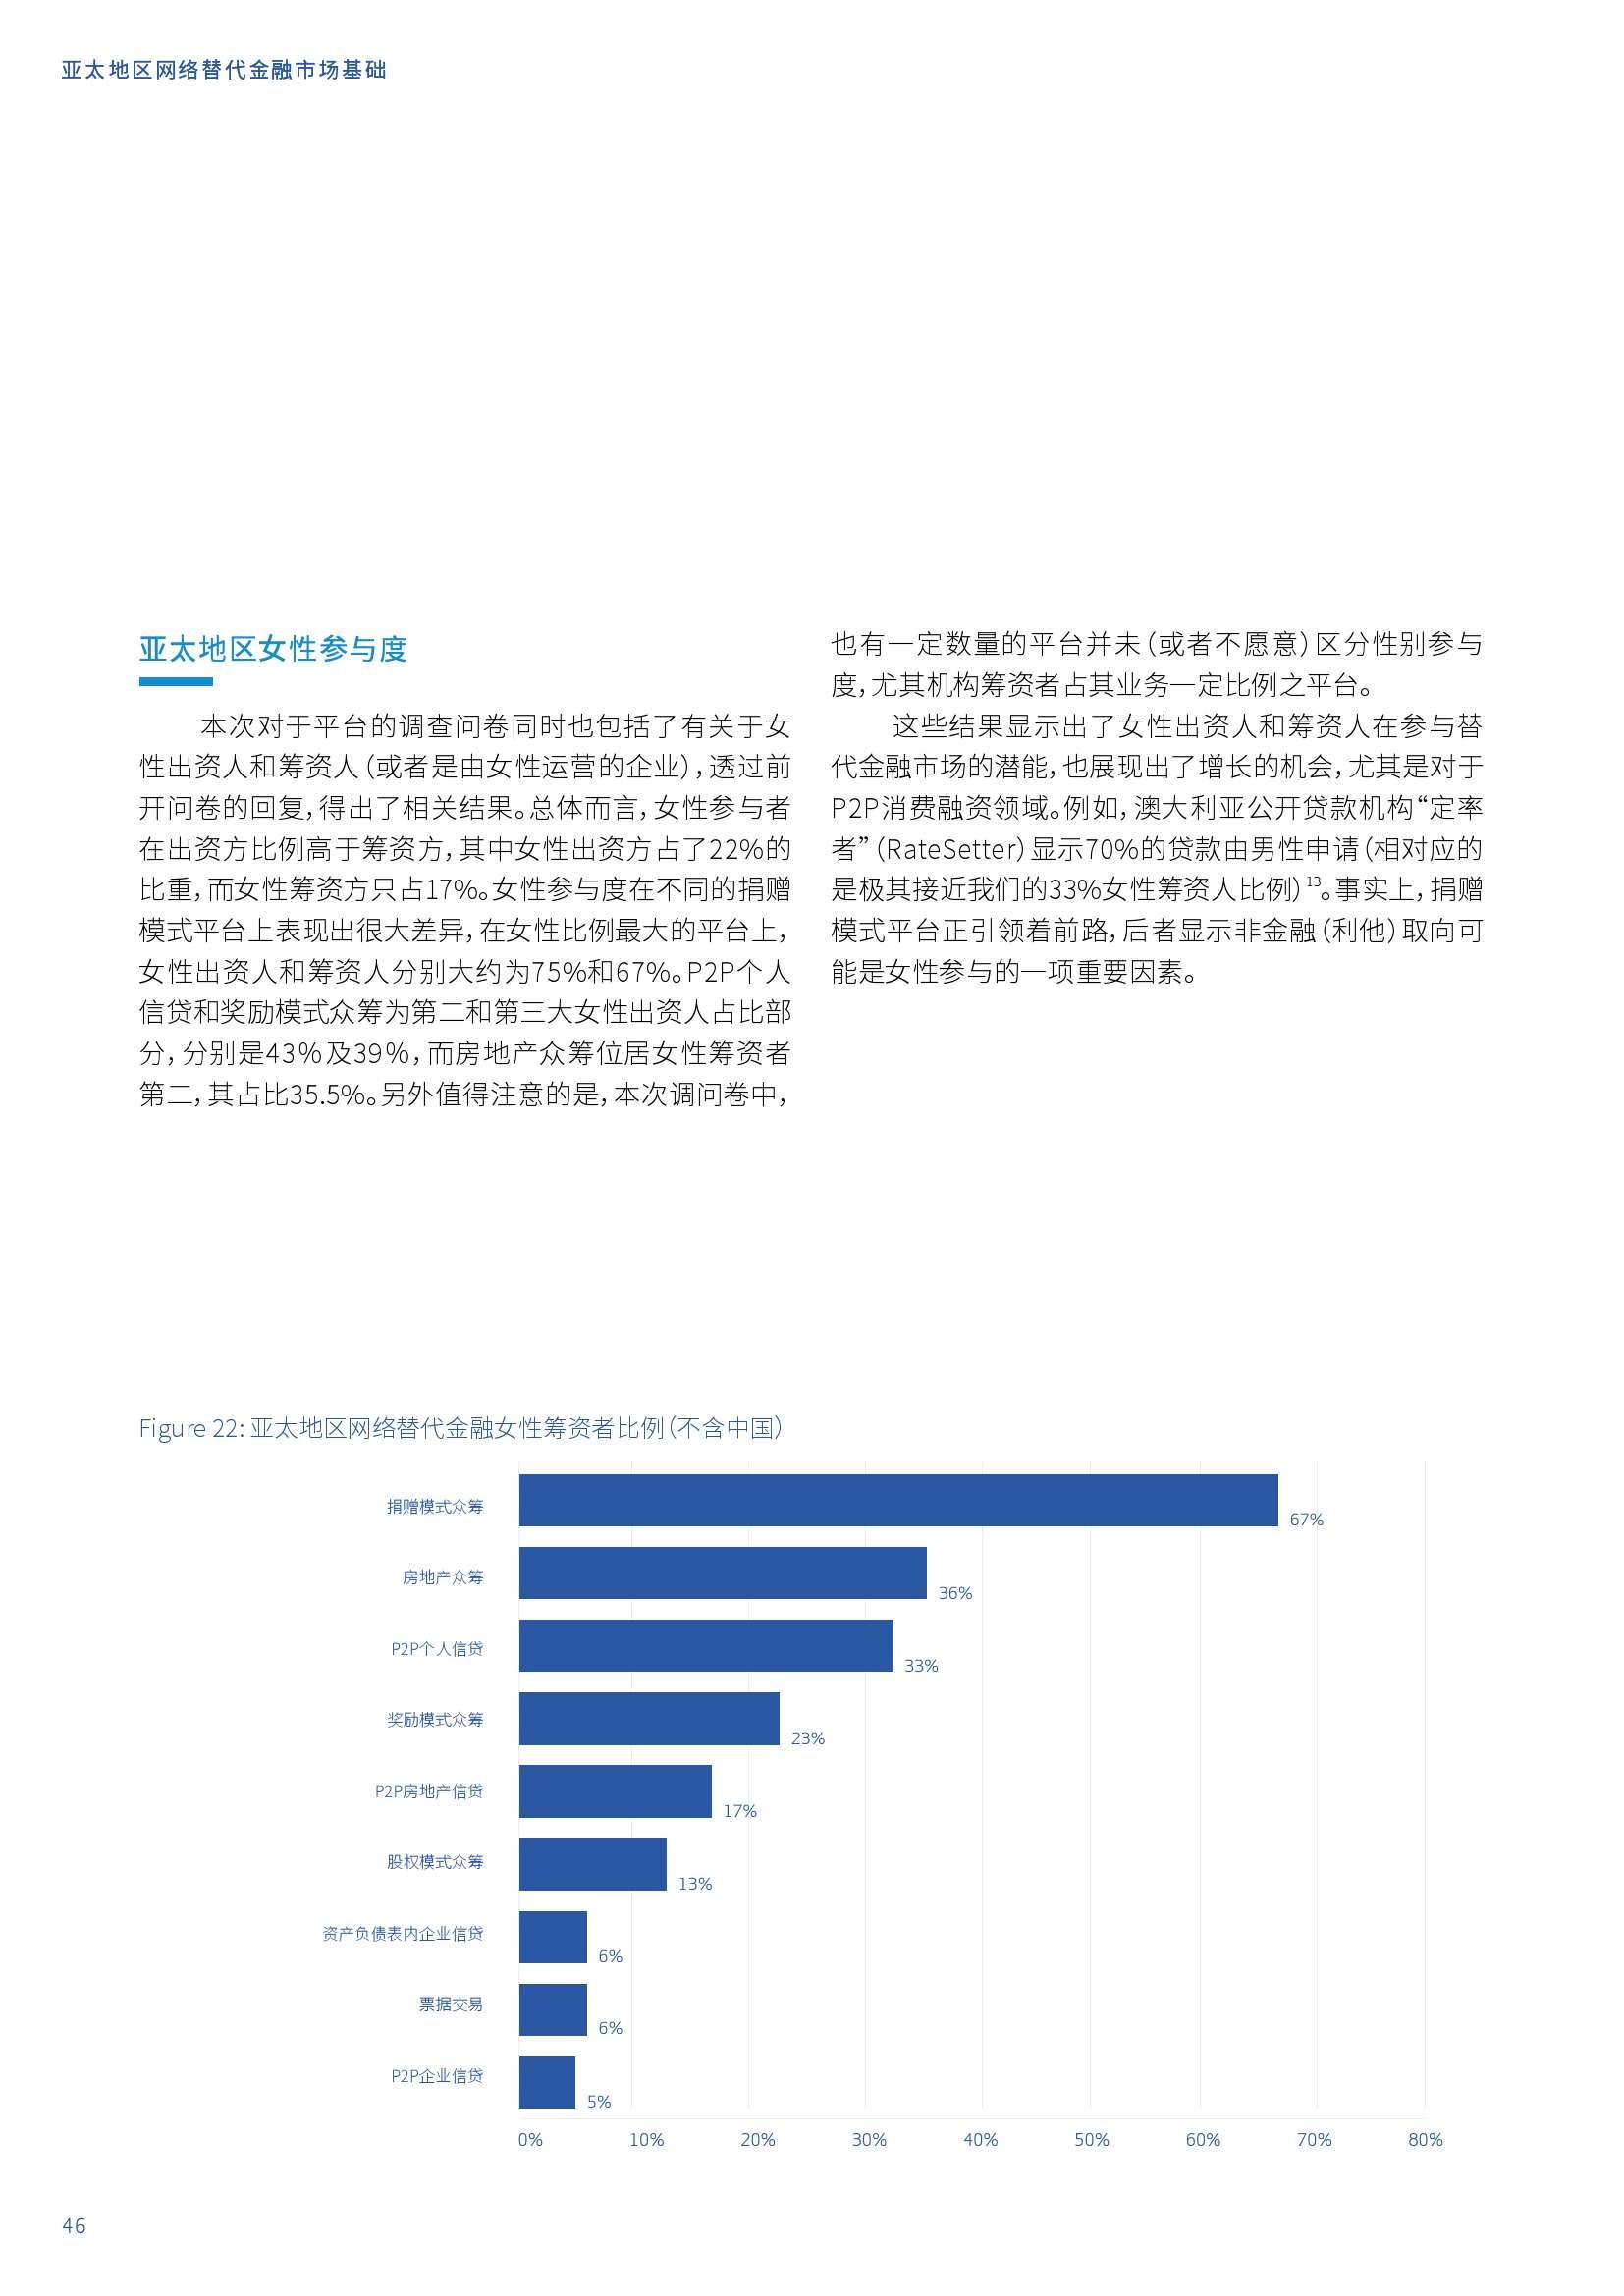 亚太地区网络替代金融基准报告_000046